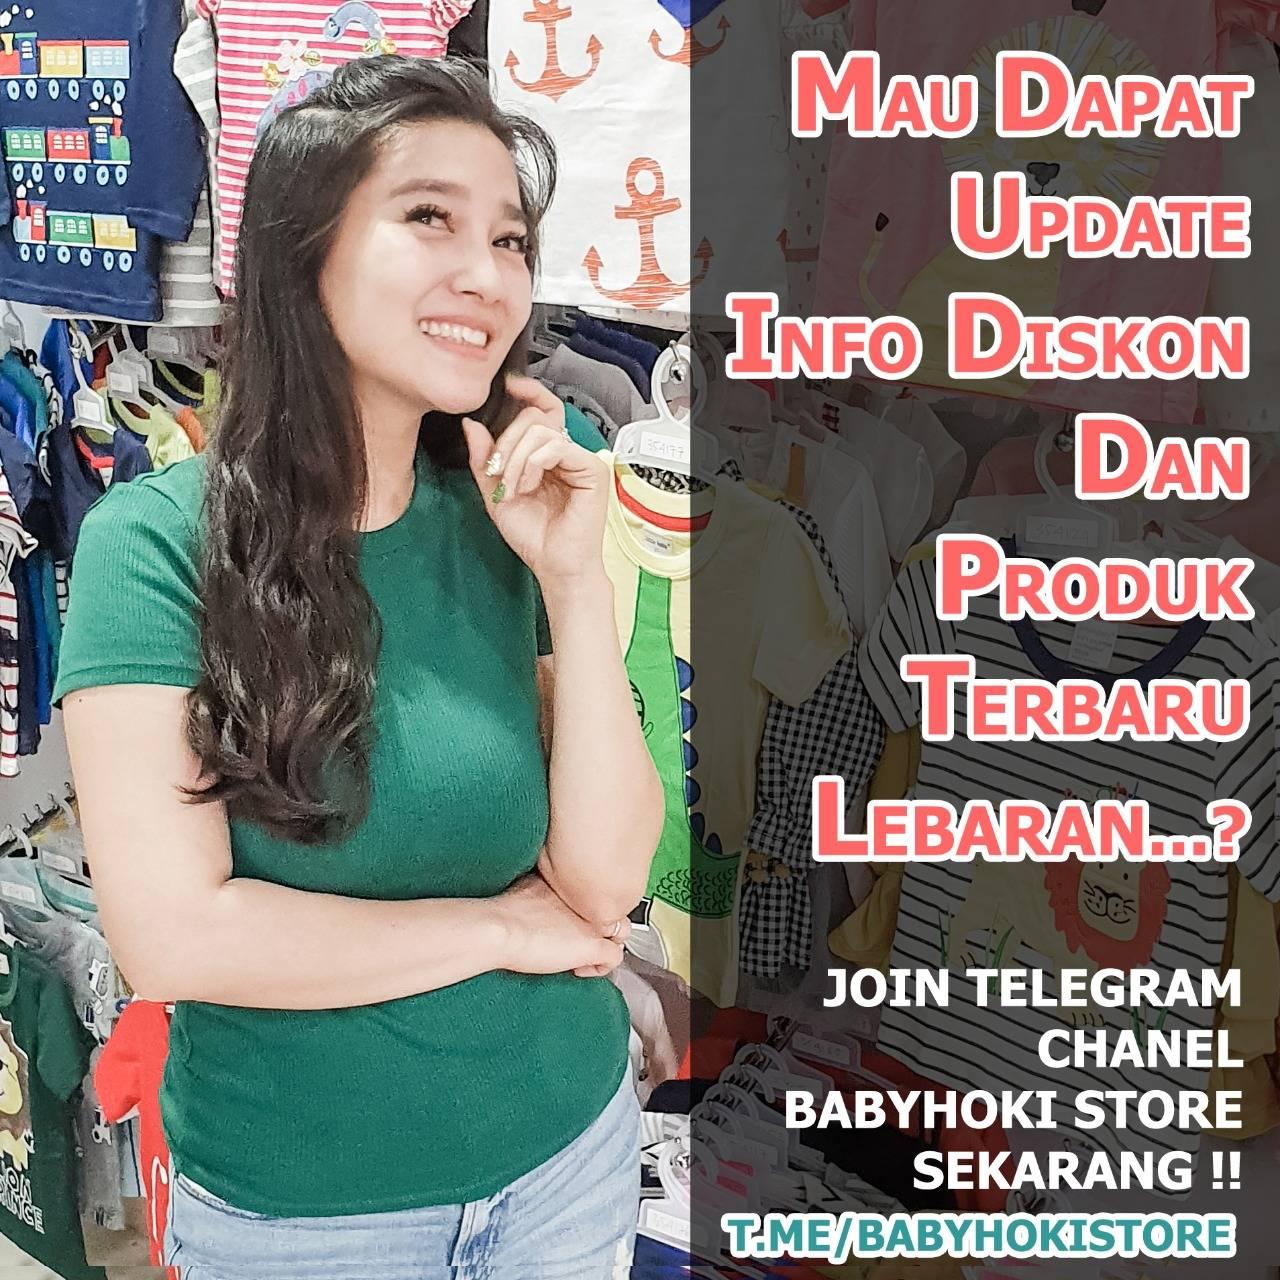 telegram chanel babyhoki store